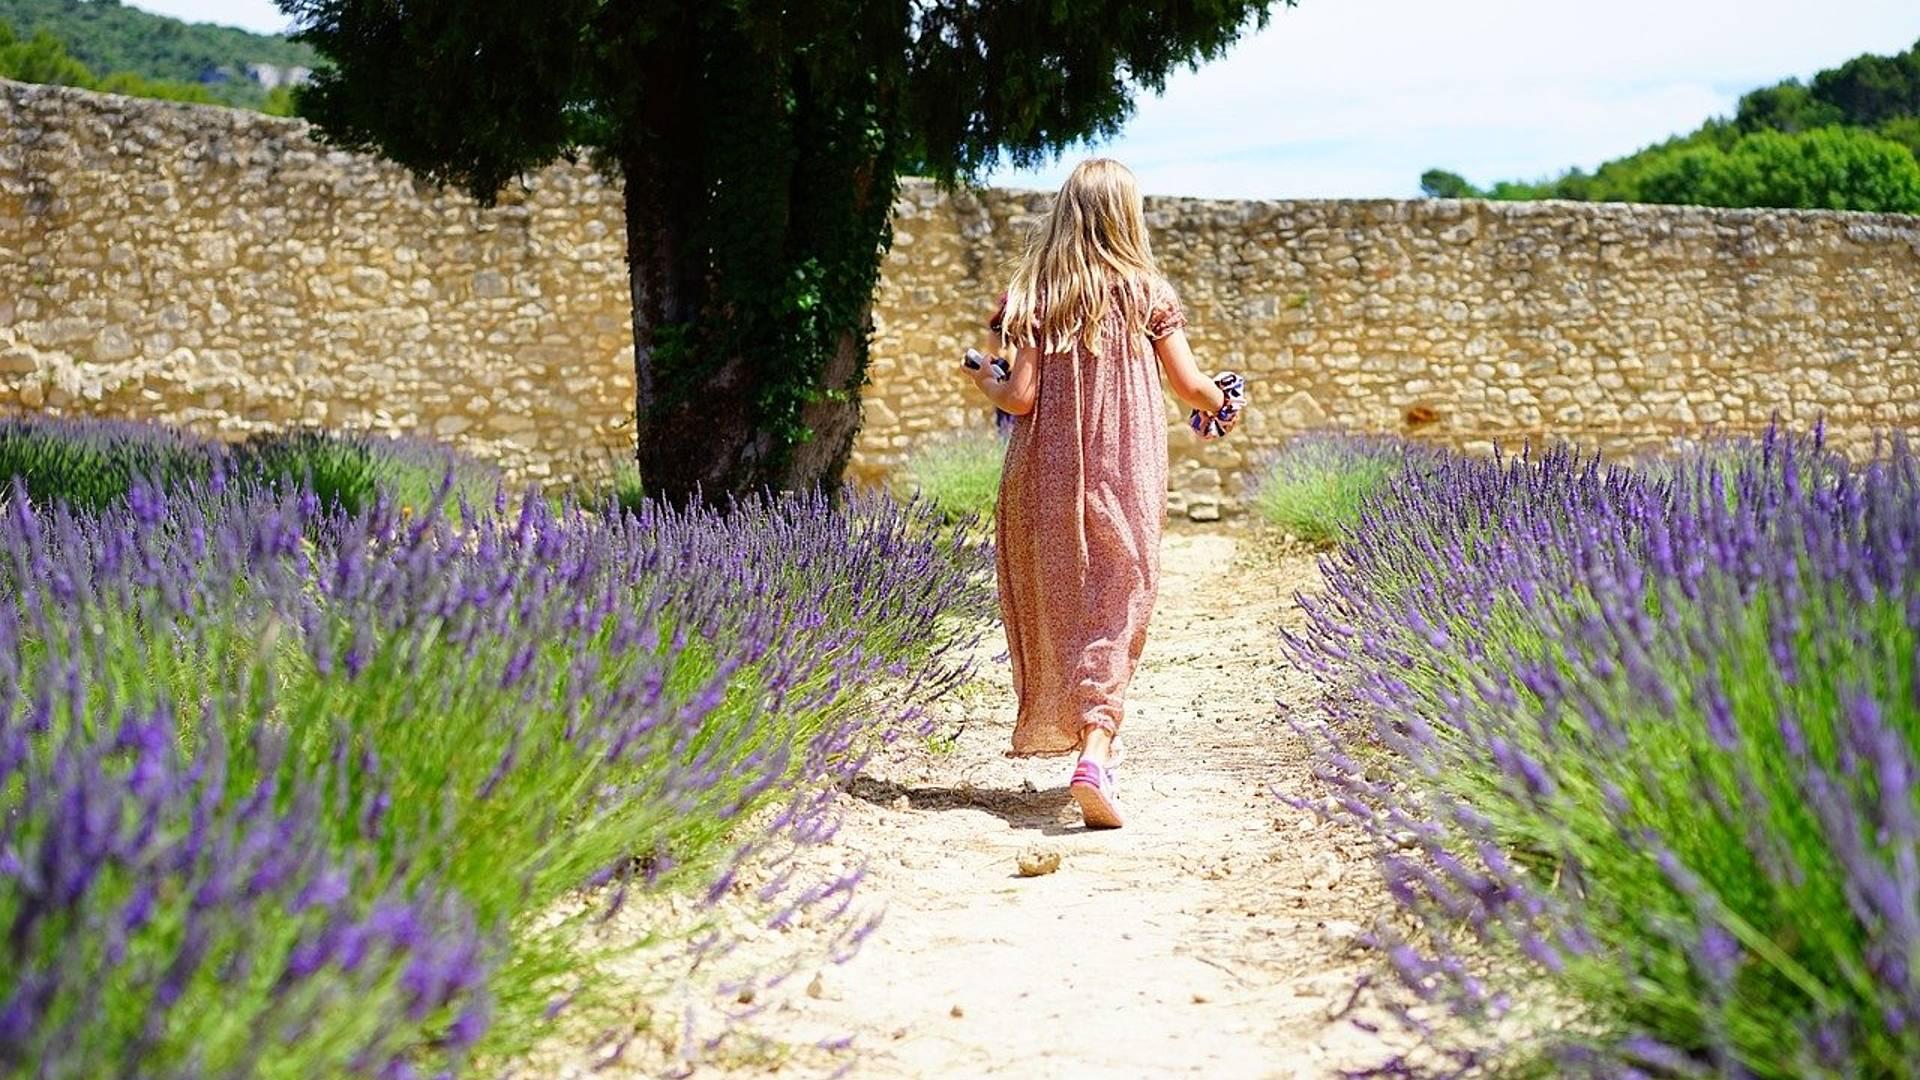 Rendez vous familial dans un mas provençal au coeur du Lubéron